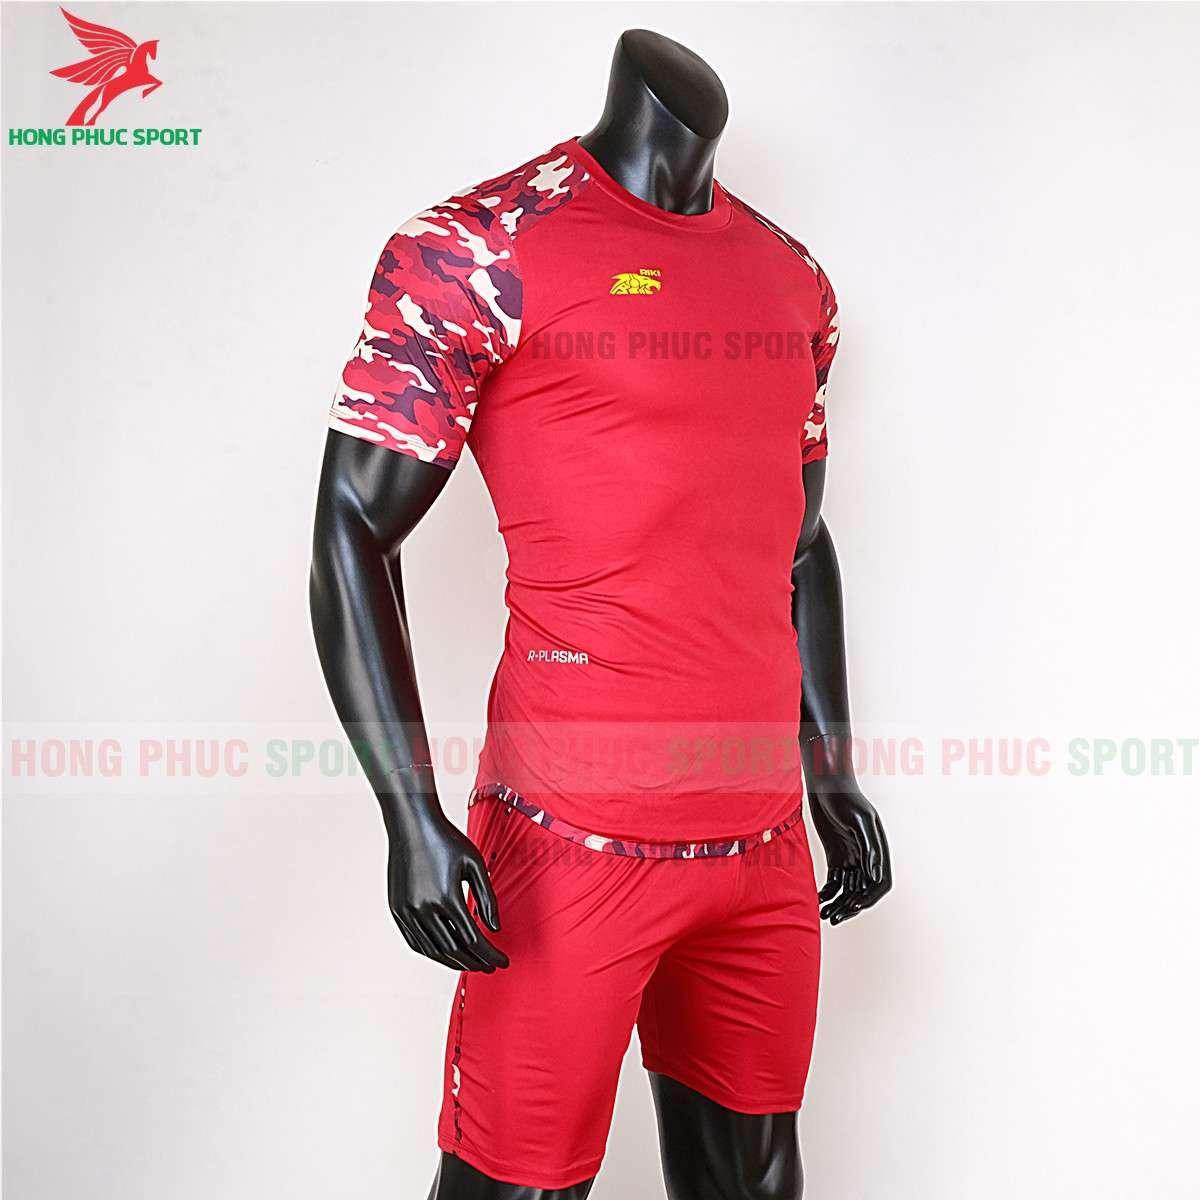 Áo đá banh không logo 2020 Riki Camor đỏ